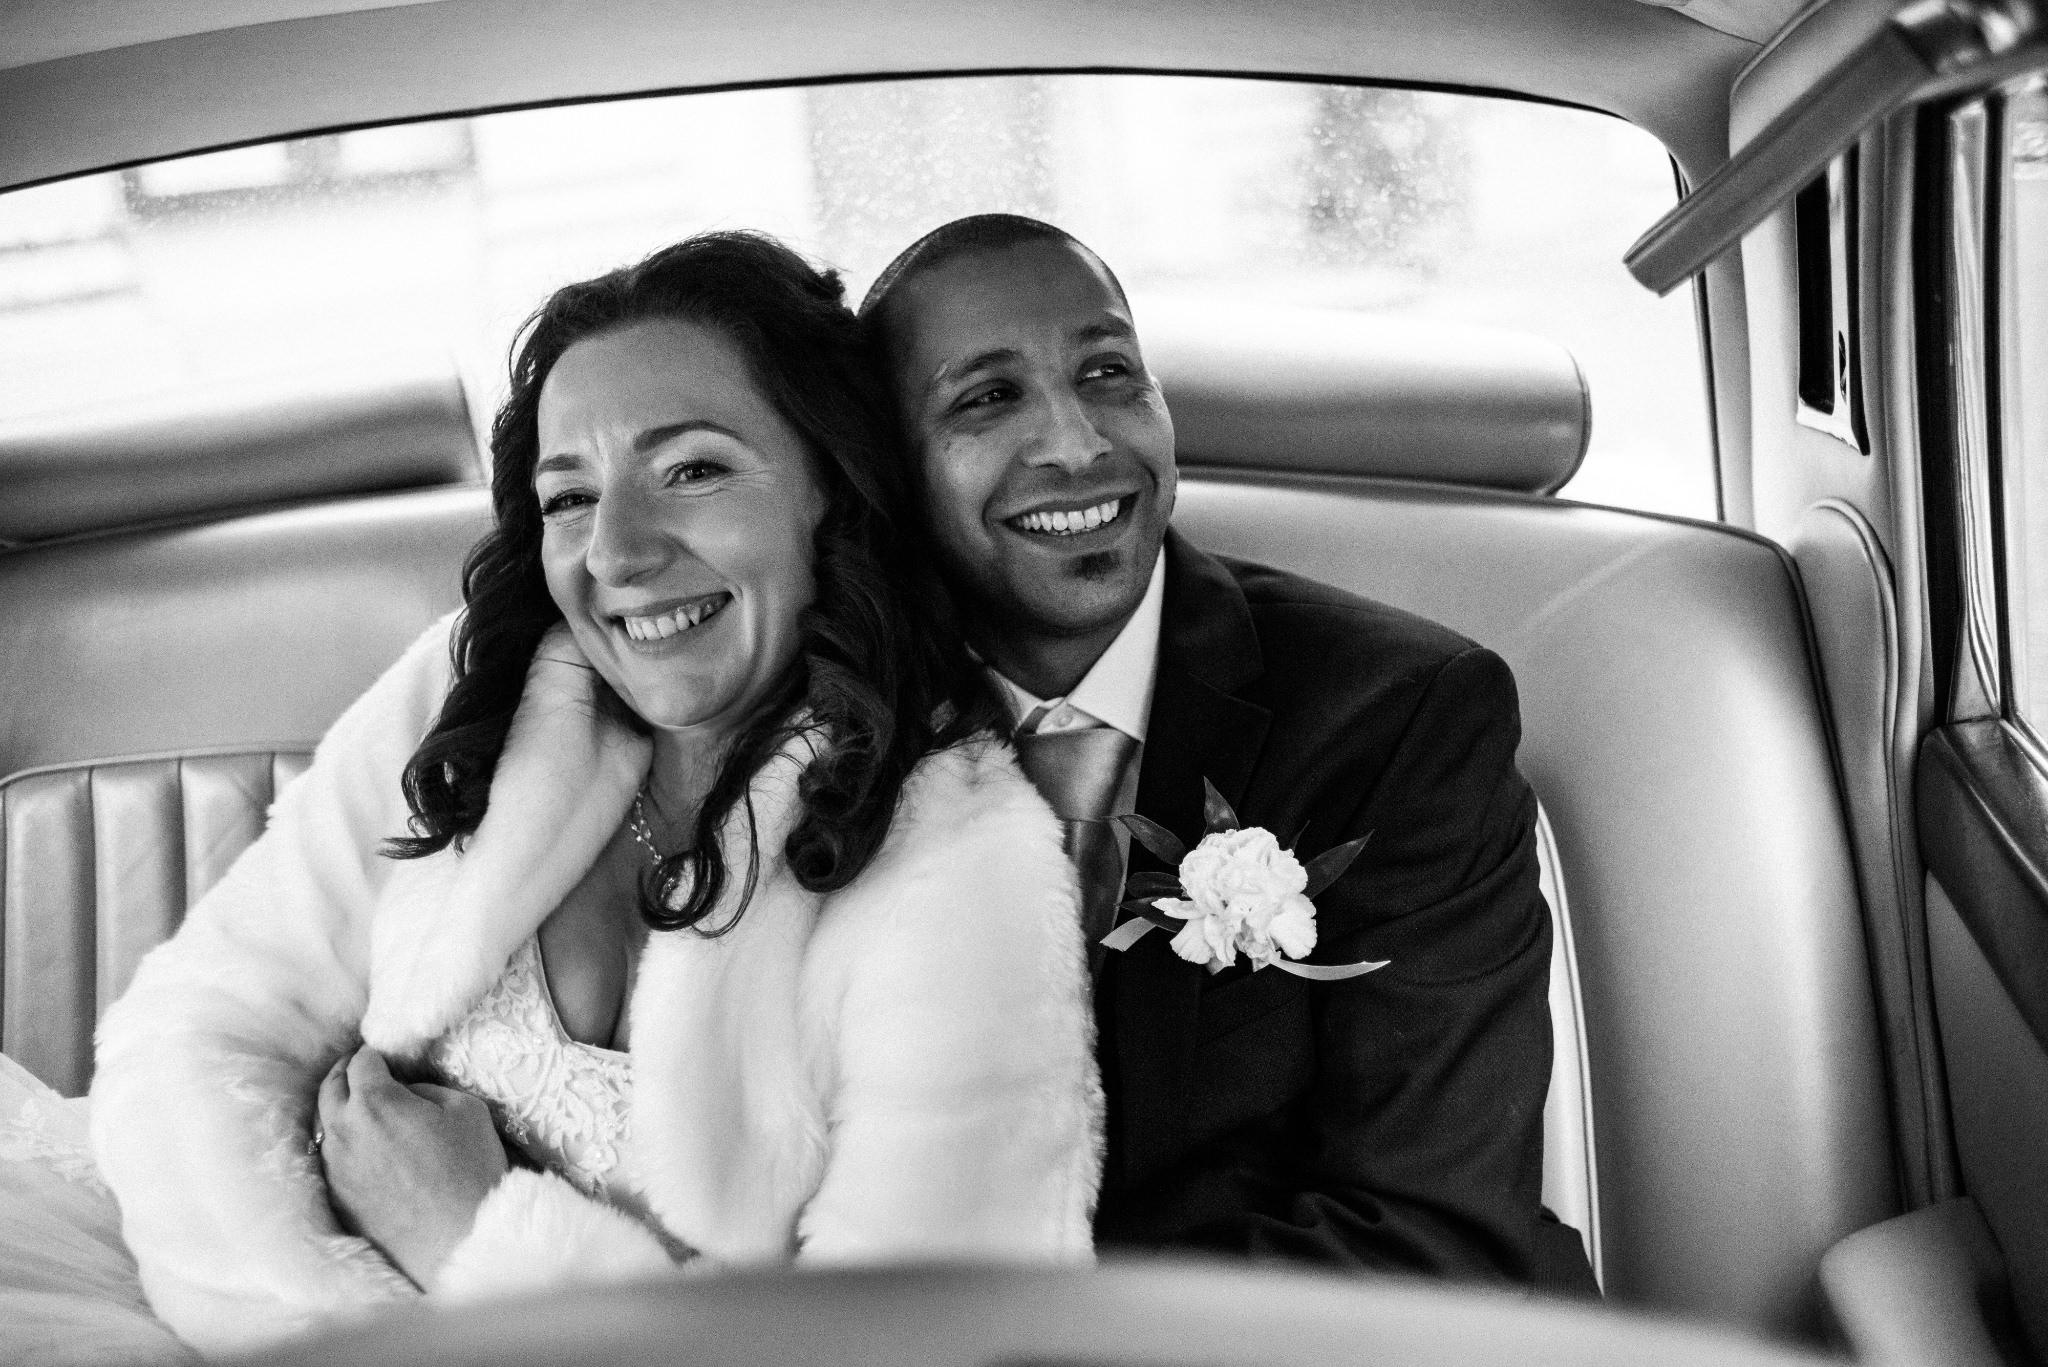 wesela 2020 nowe zasady radek Kaźmierczak zakochana para w zabytkowym samochodzie